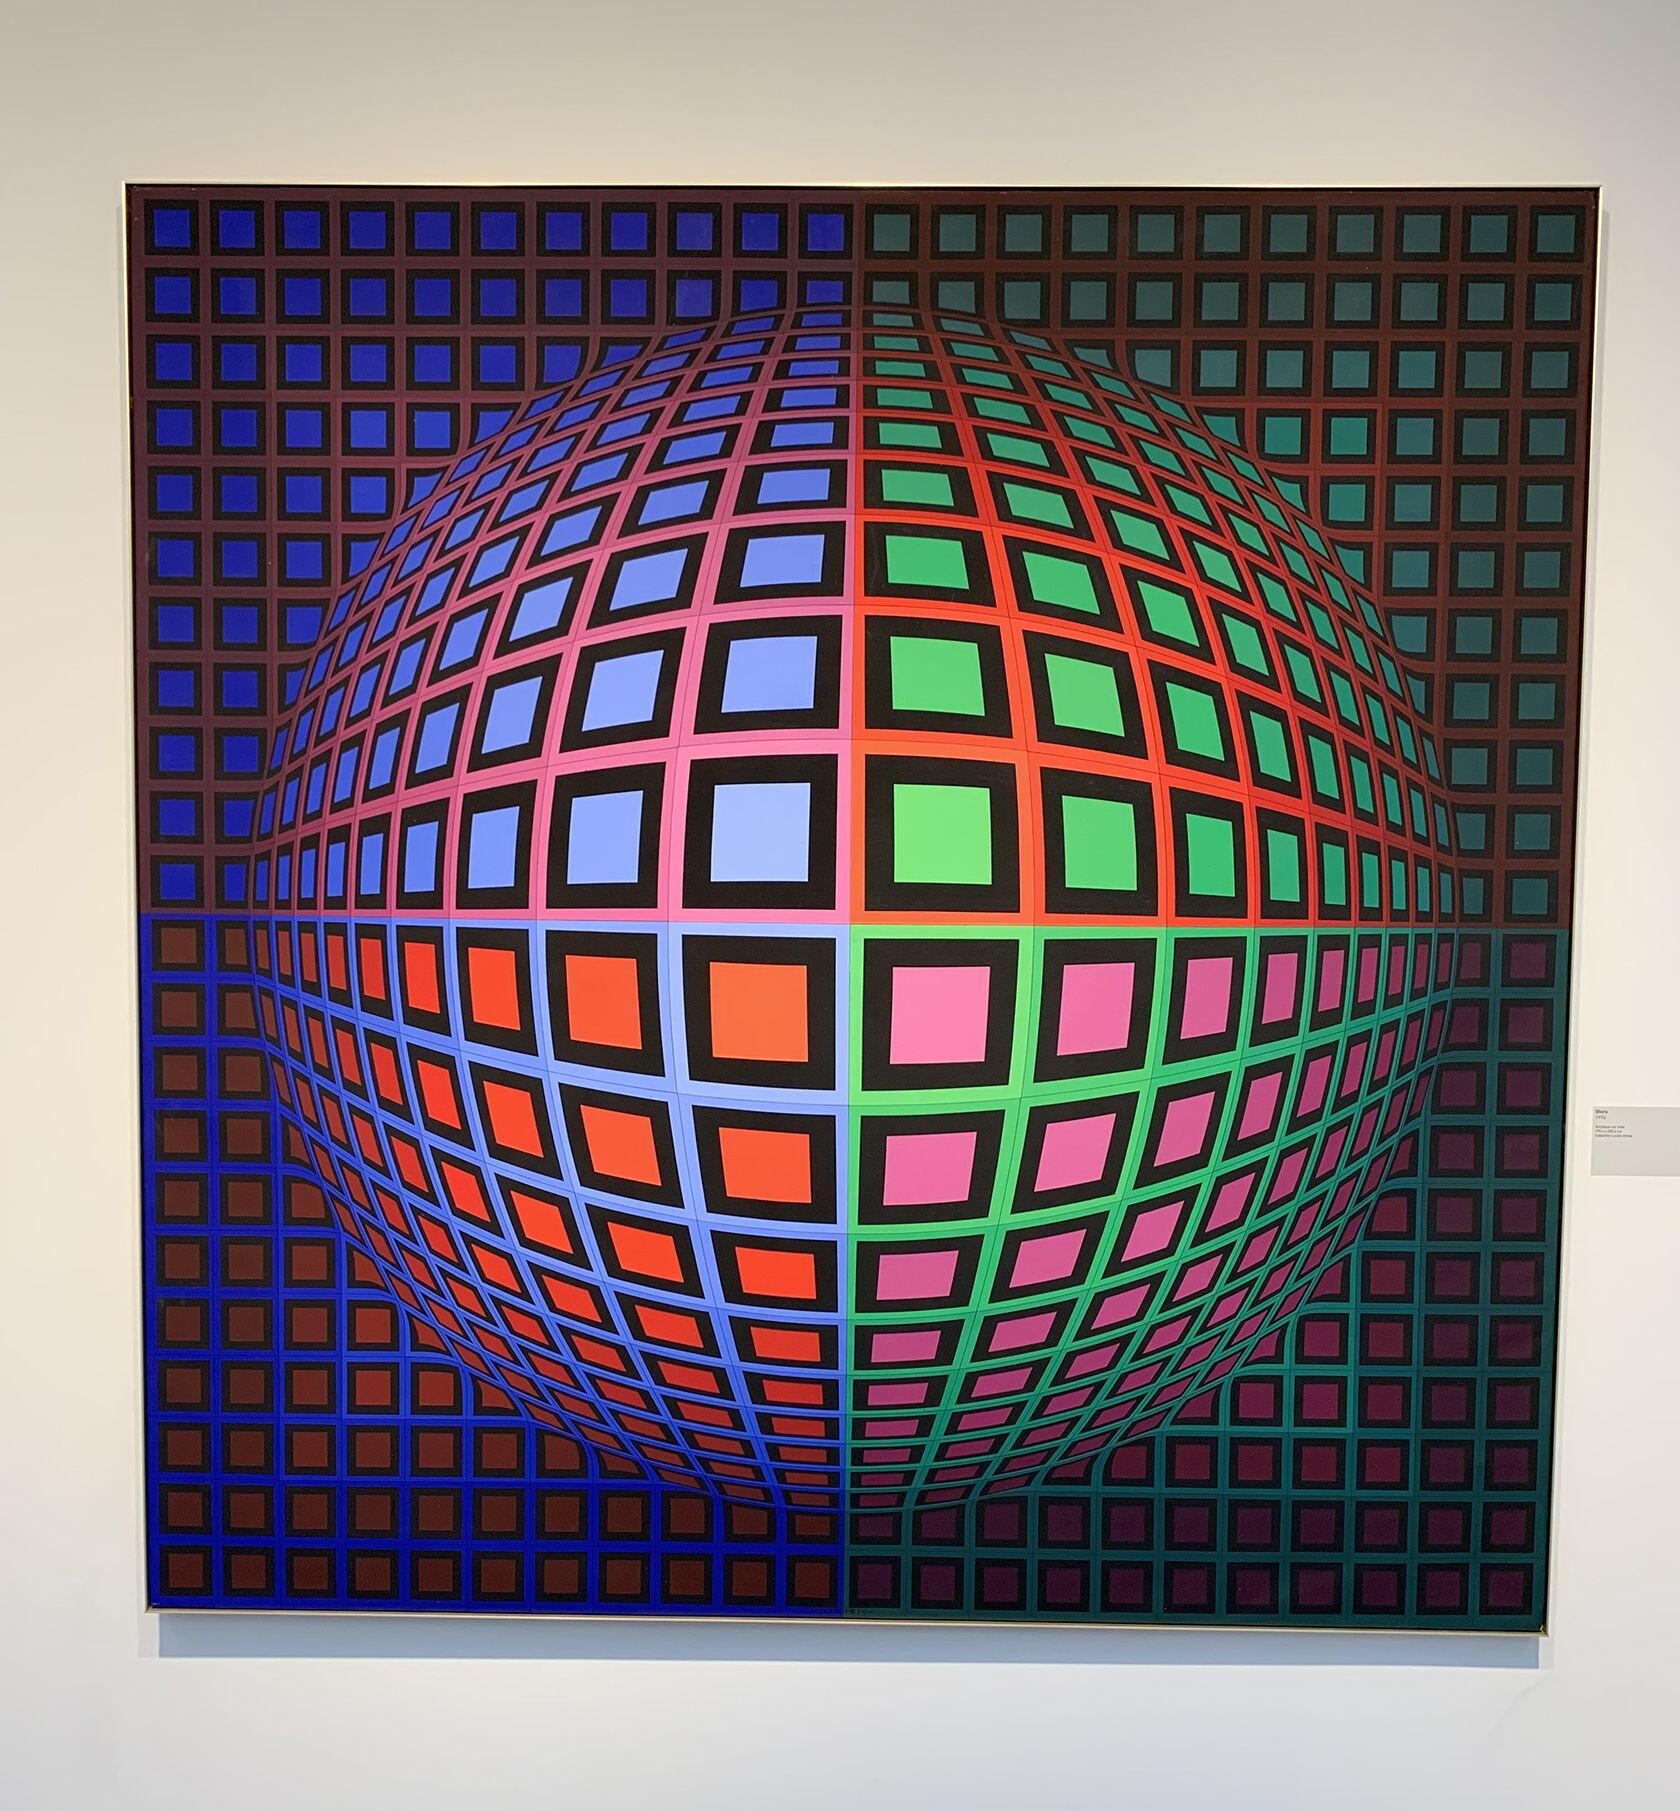 Fondation Vasarely Aix-en-Provence Op Art